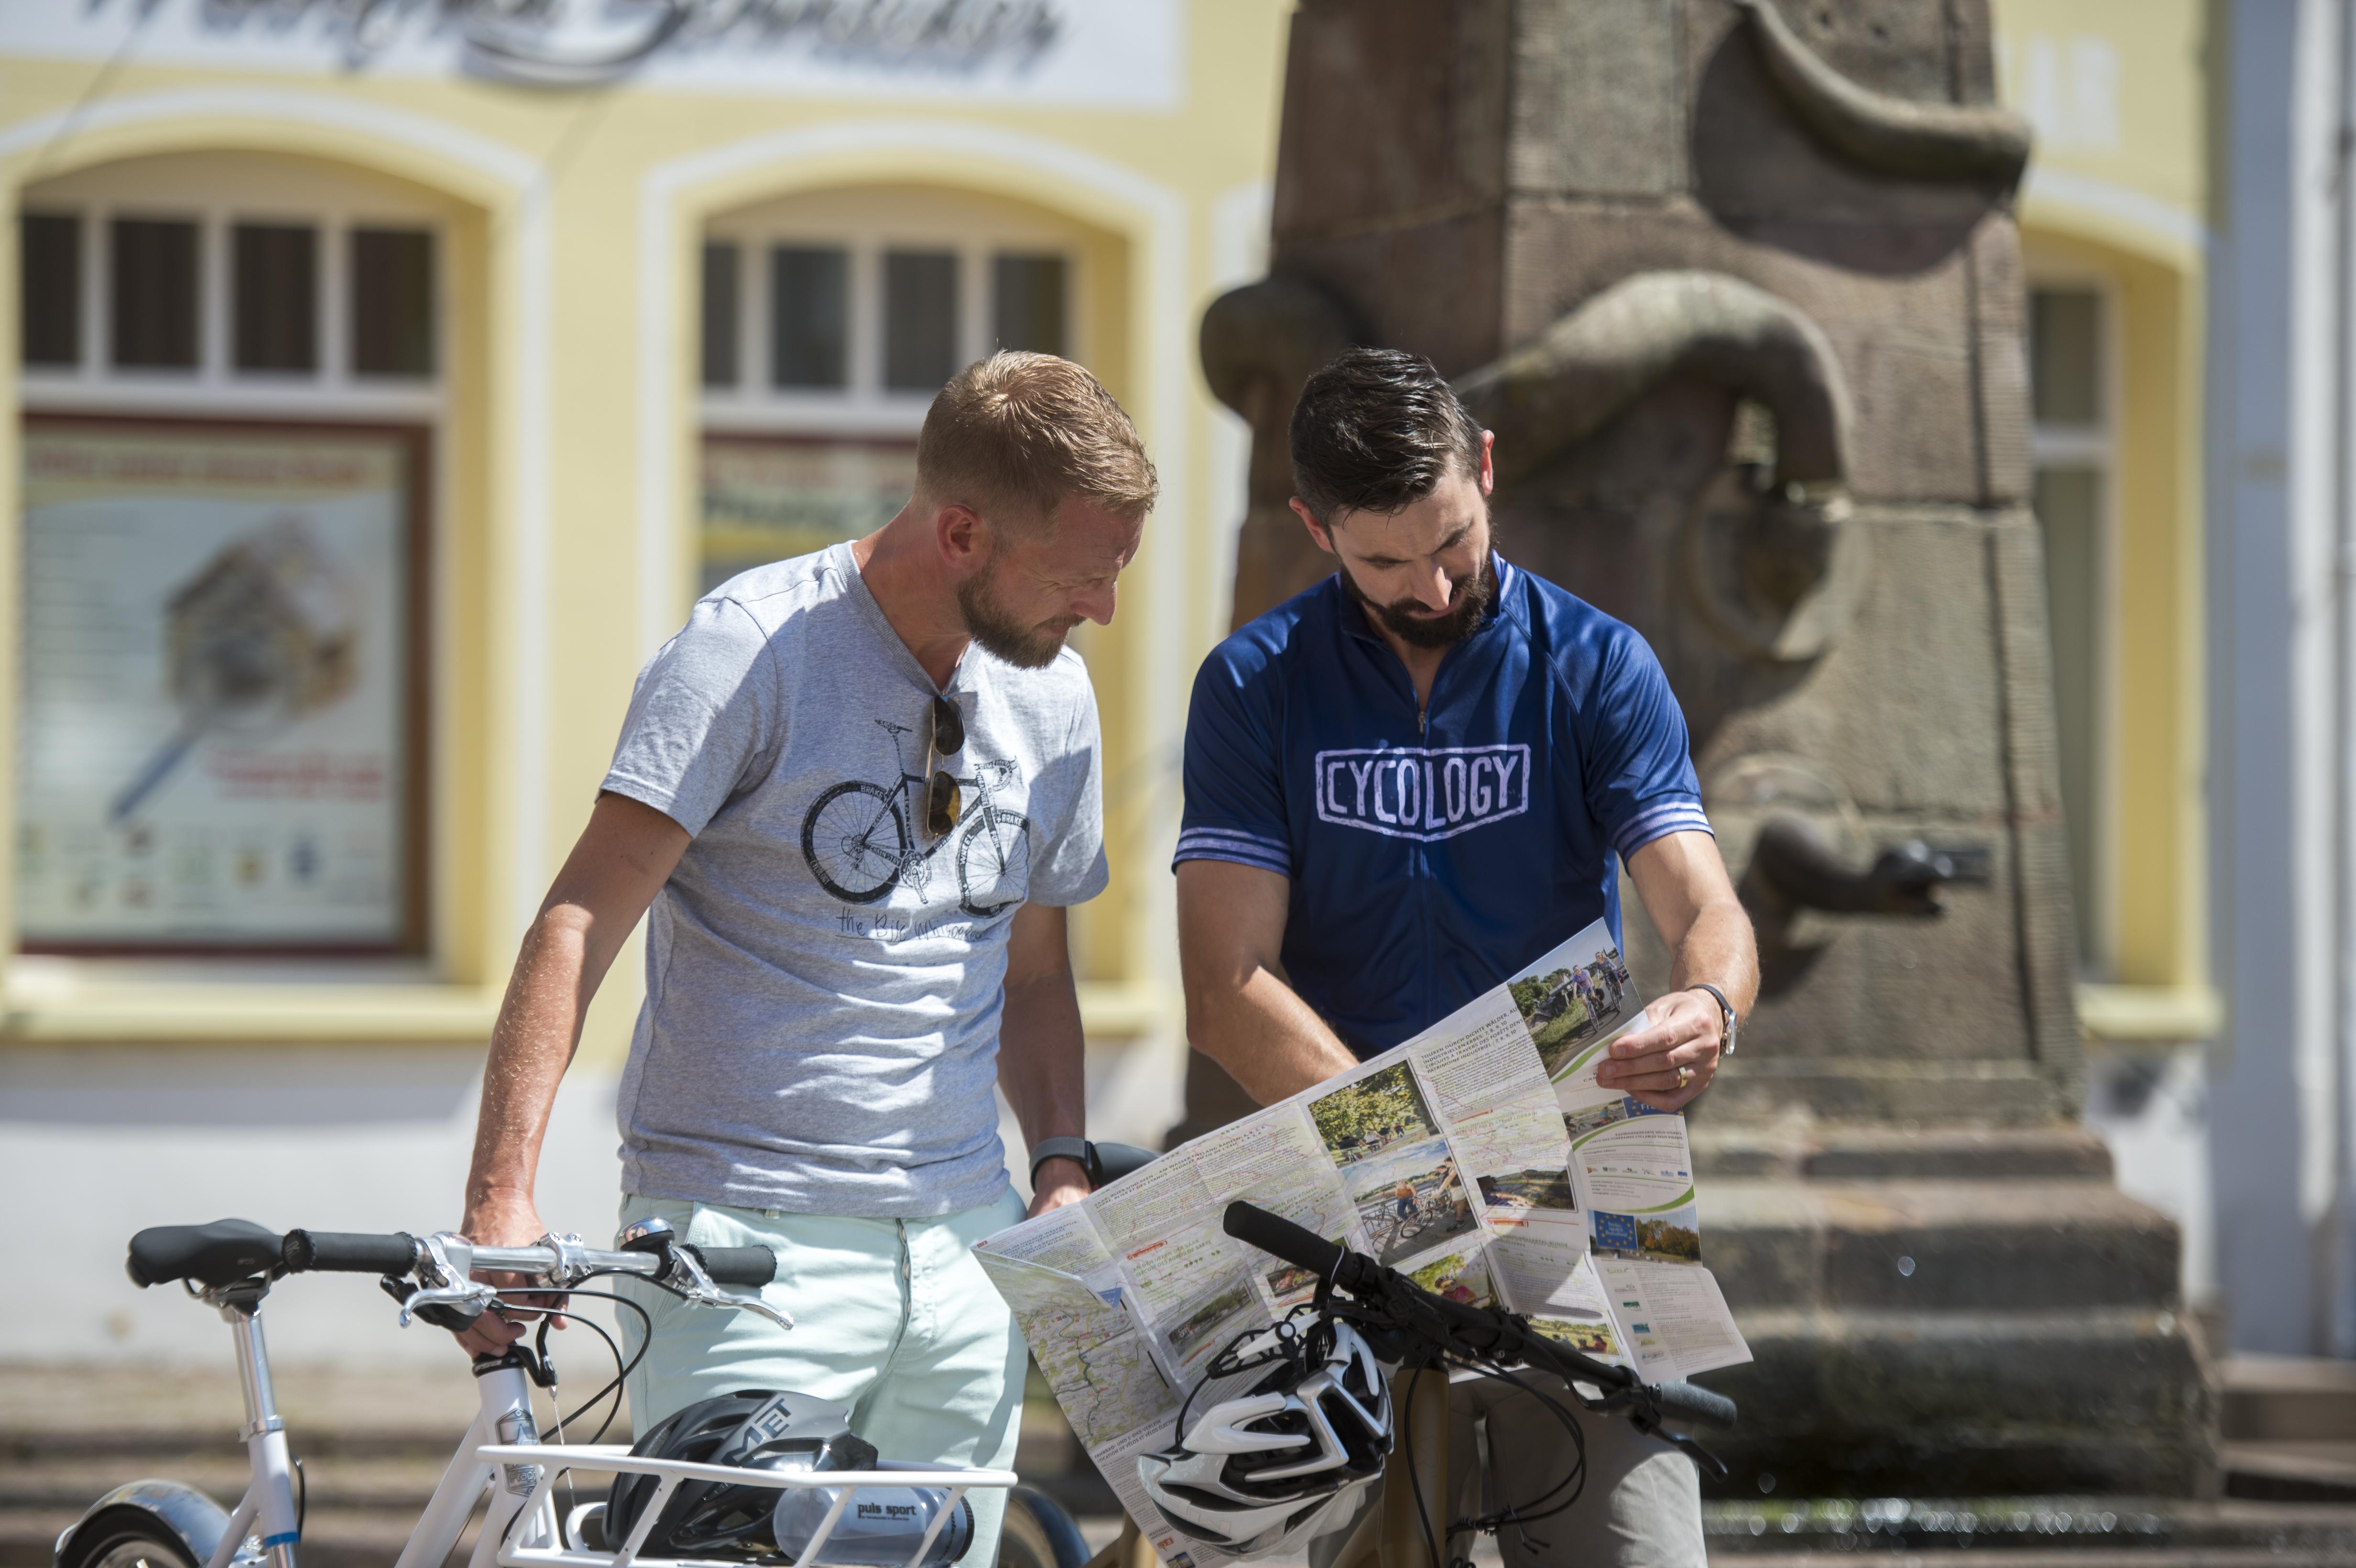 Radfahrer in der Barockstadt Blieskastel